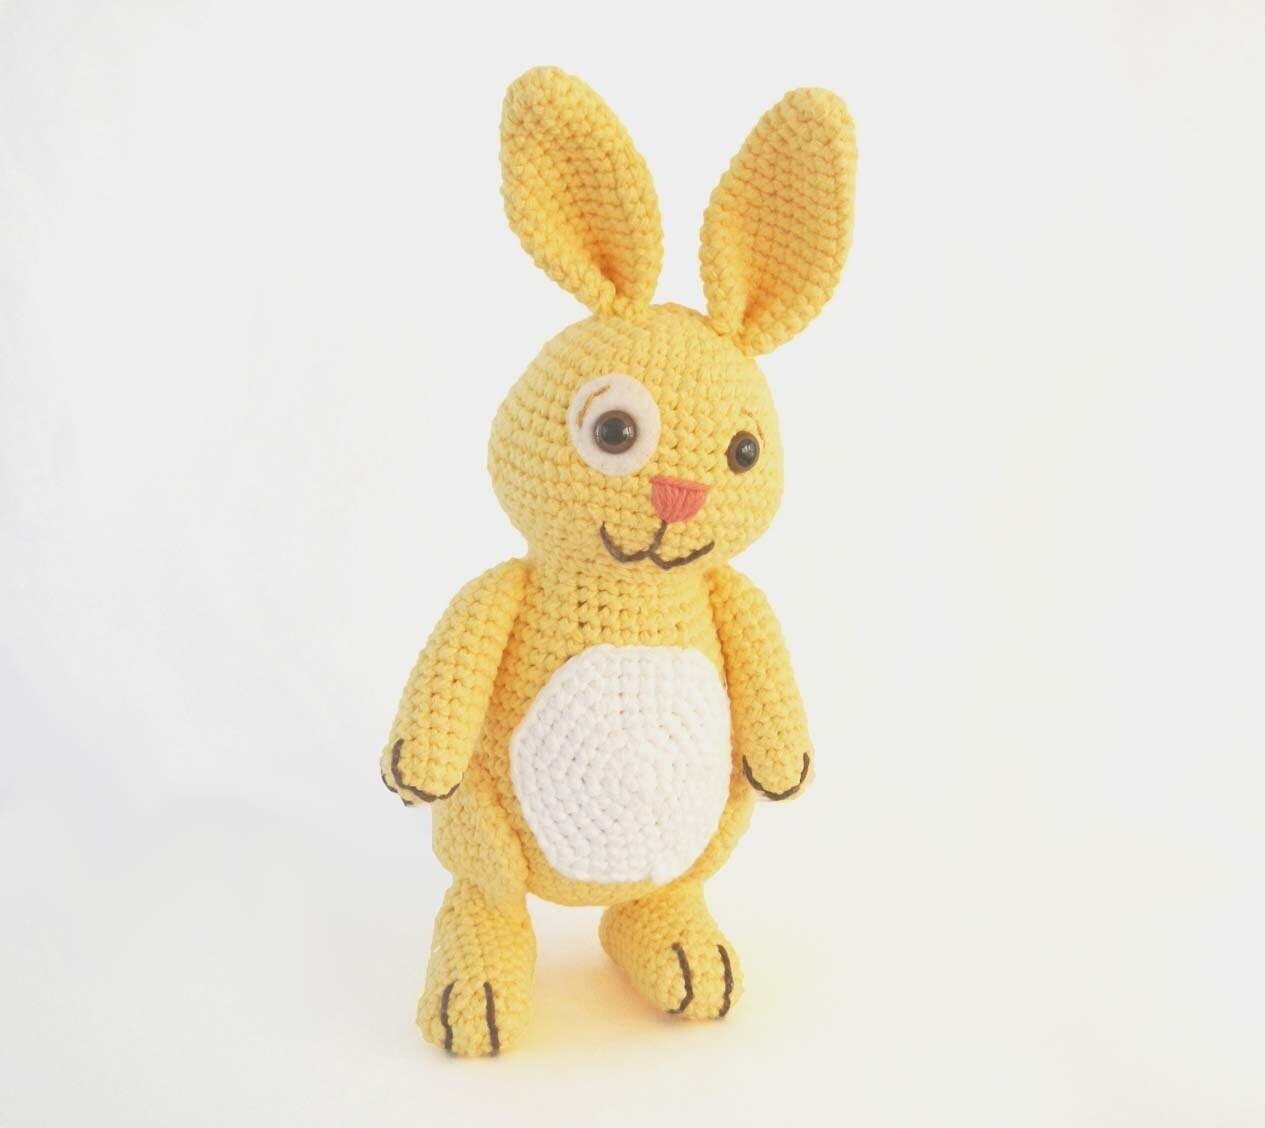 Crochet Stuffed Rabbit Toy Amigurumi Bunny - Yellow - HerterCrochetDesigns